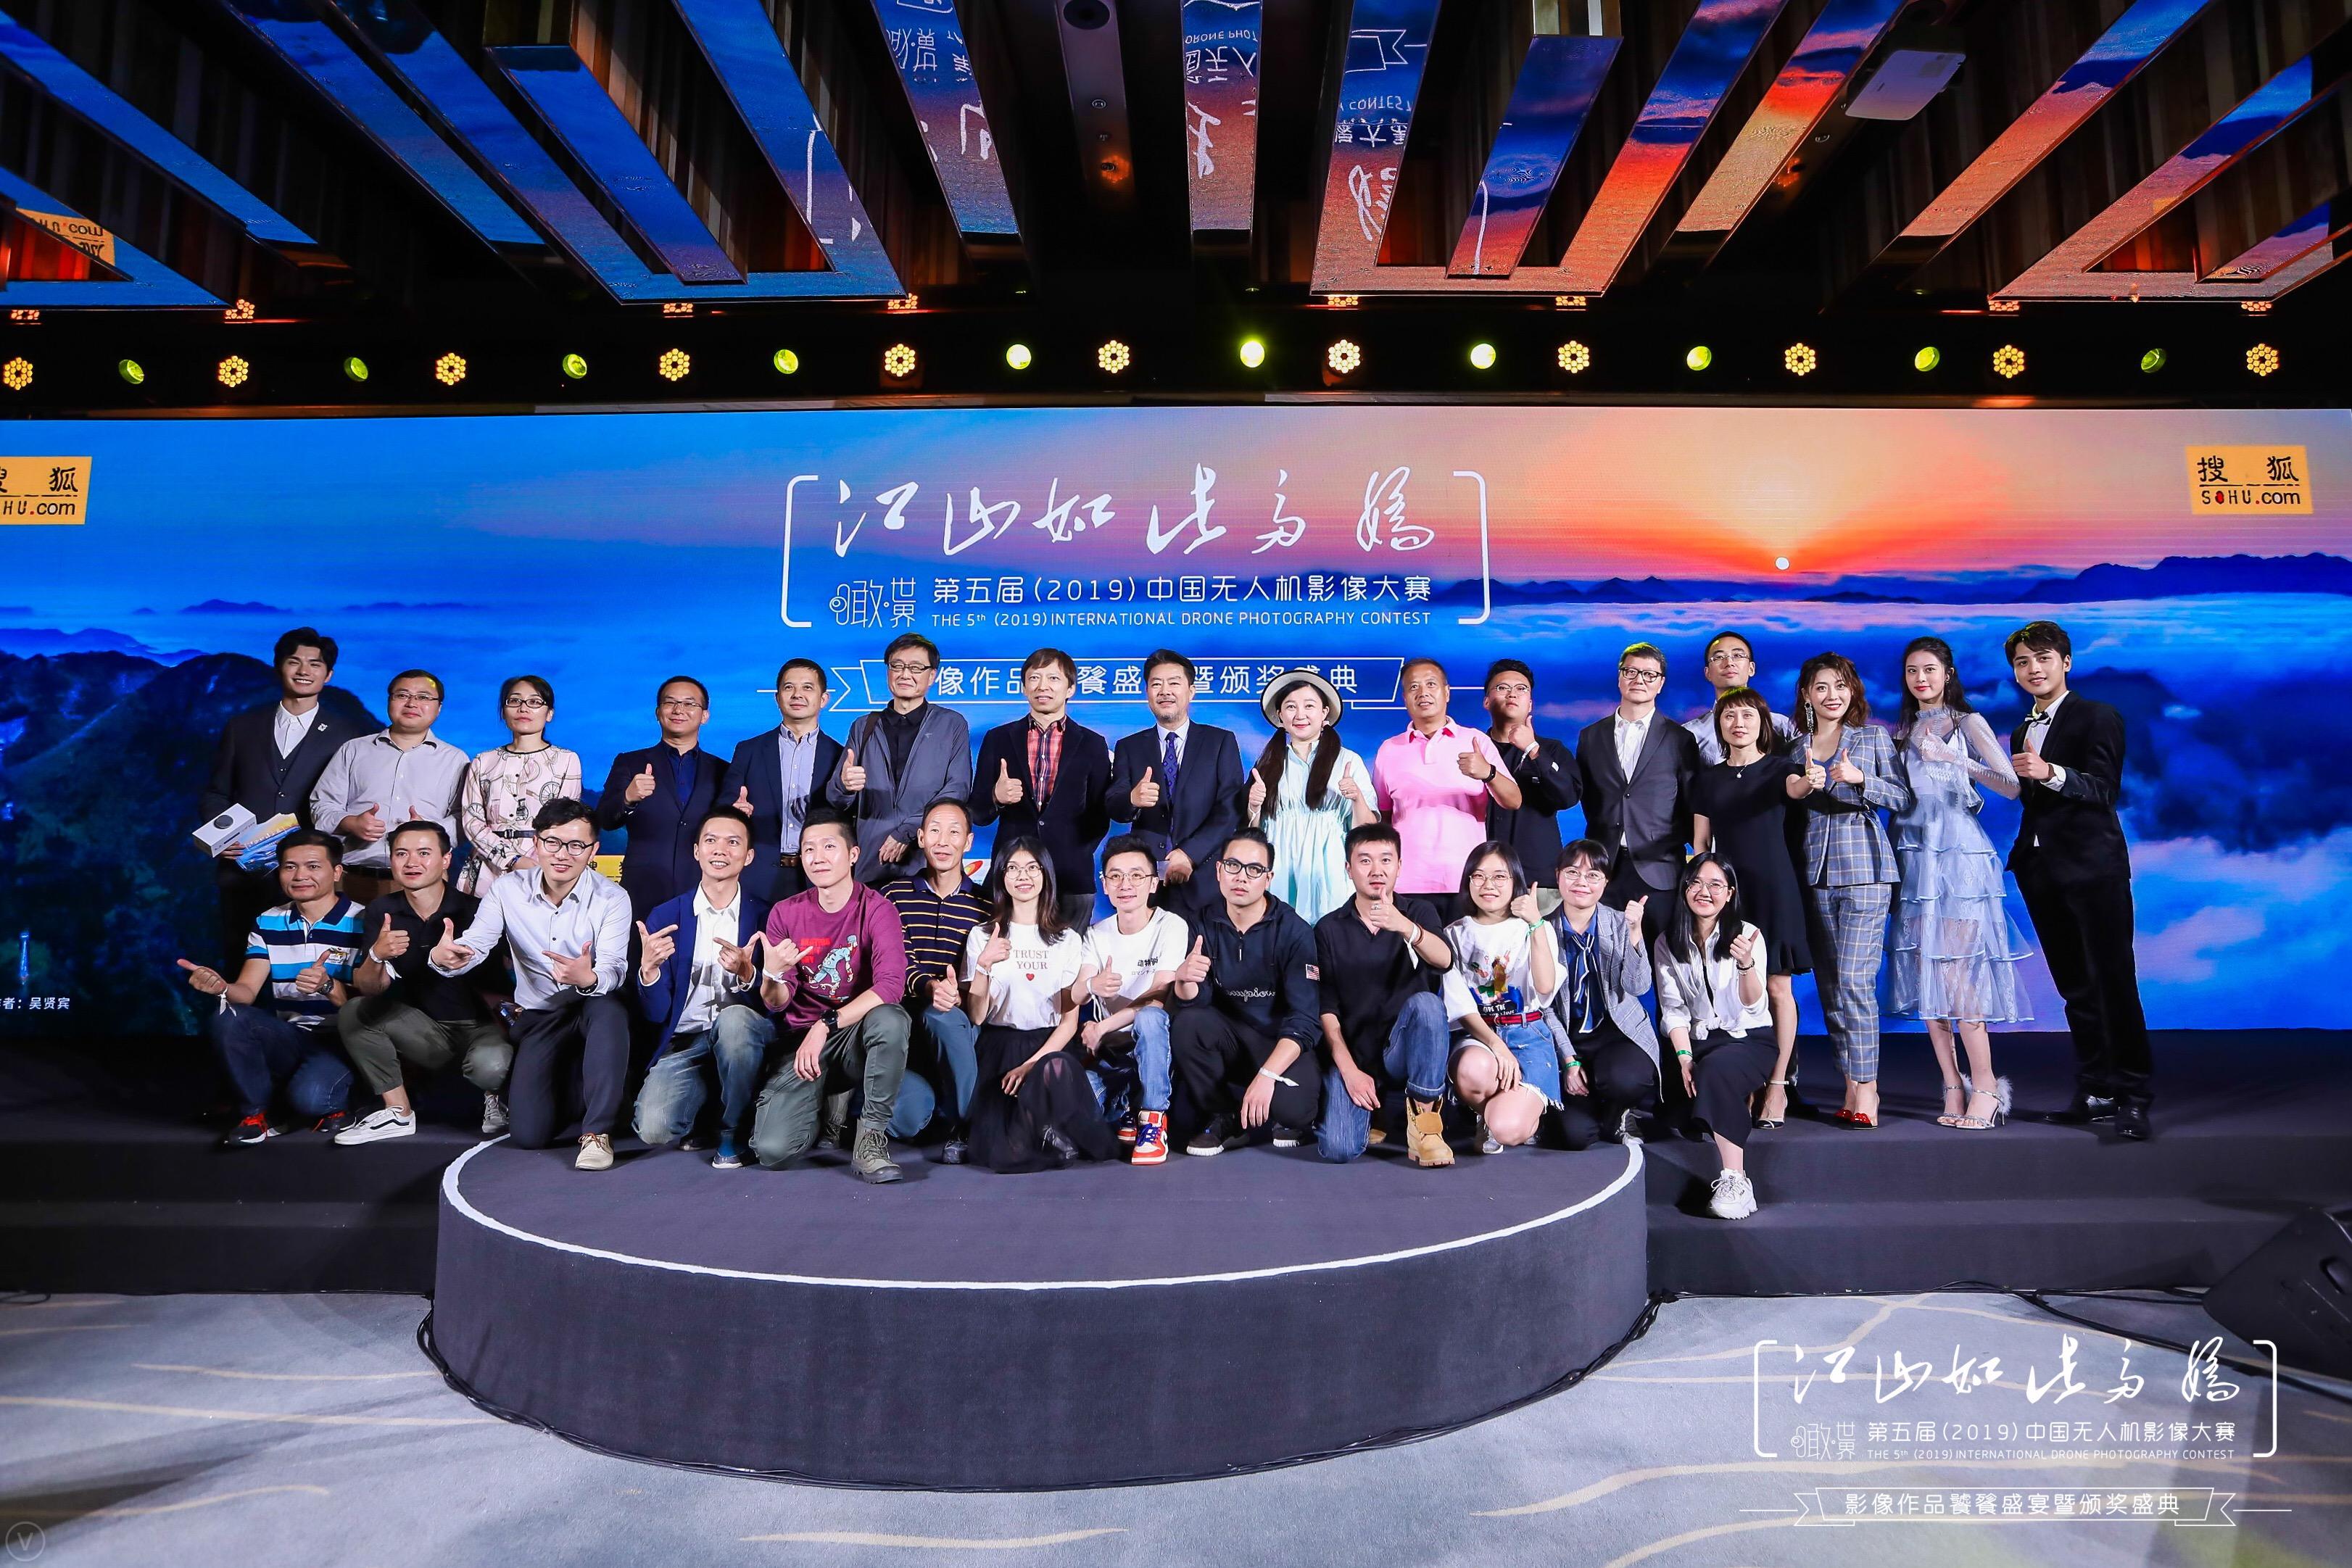 第五届(2019)中国无人机影像大赛正式落幕,颁奖礼上演作品饕餮